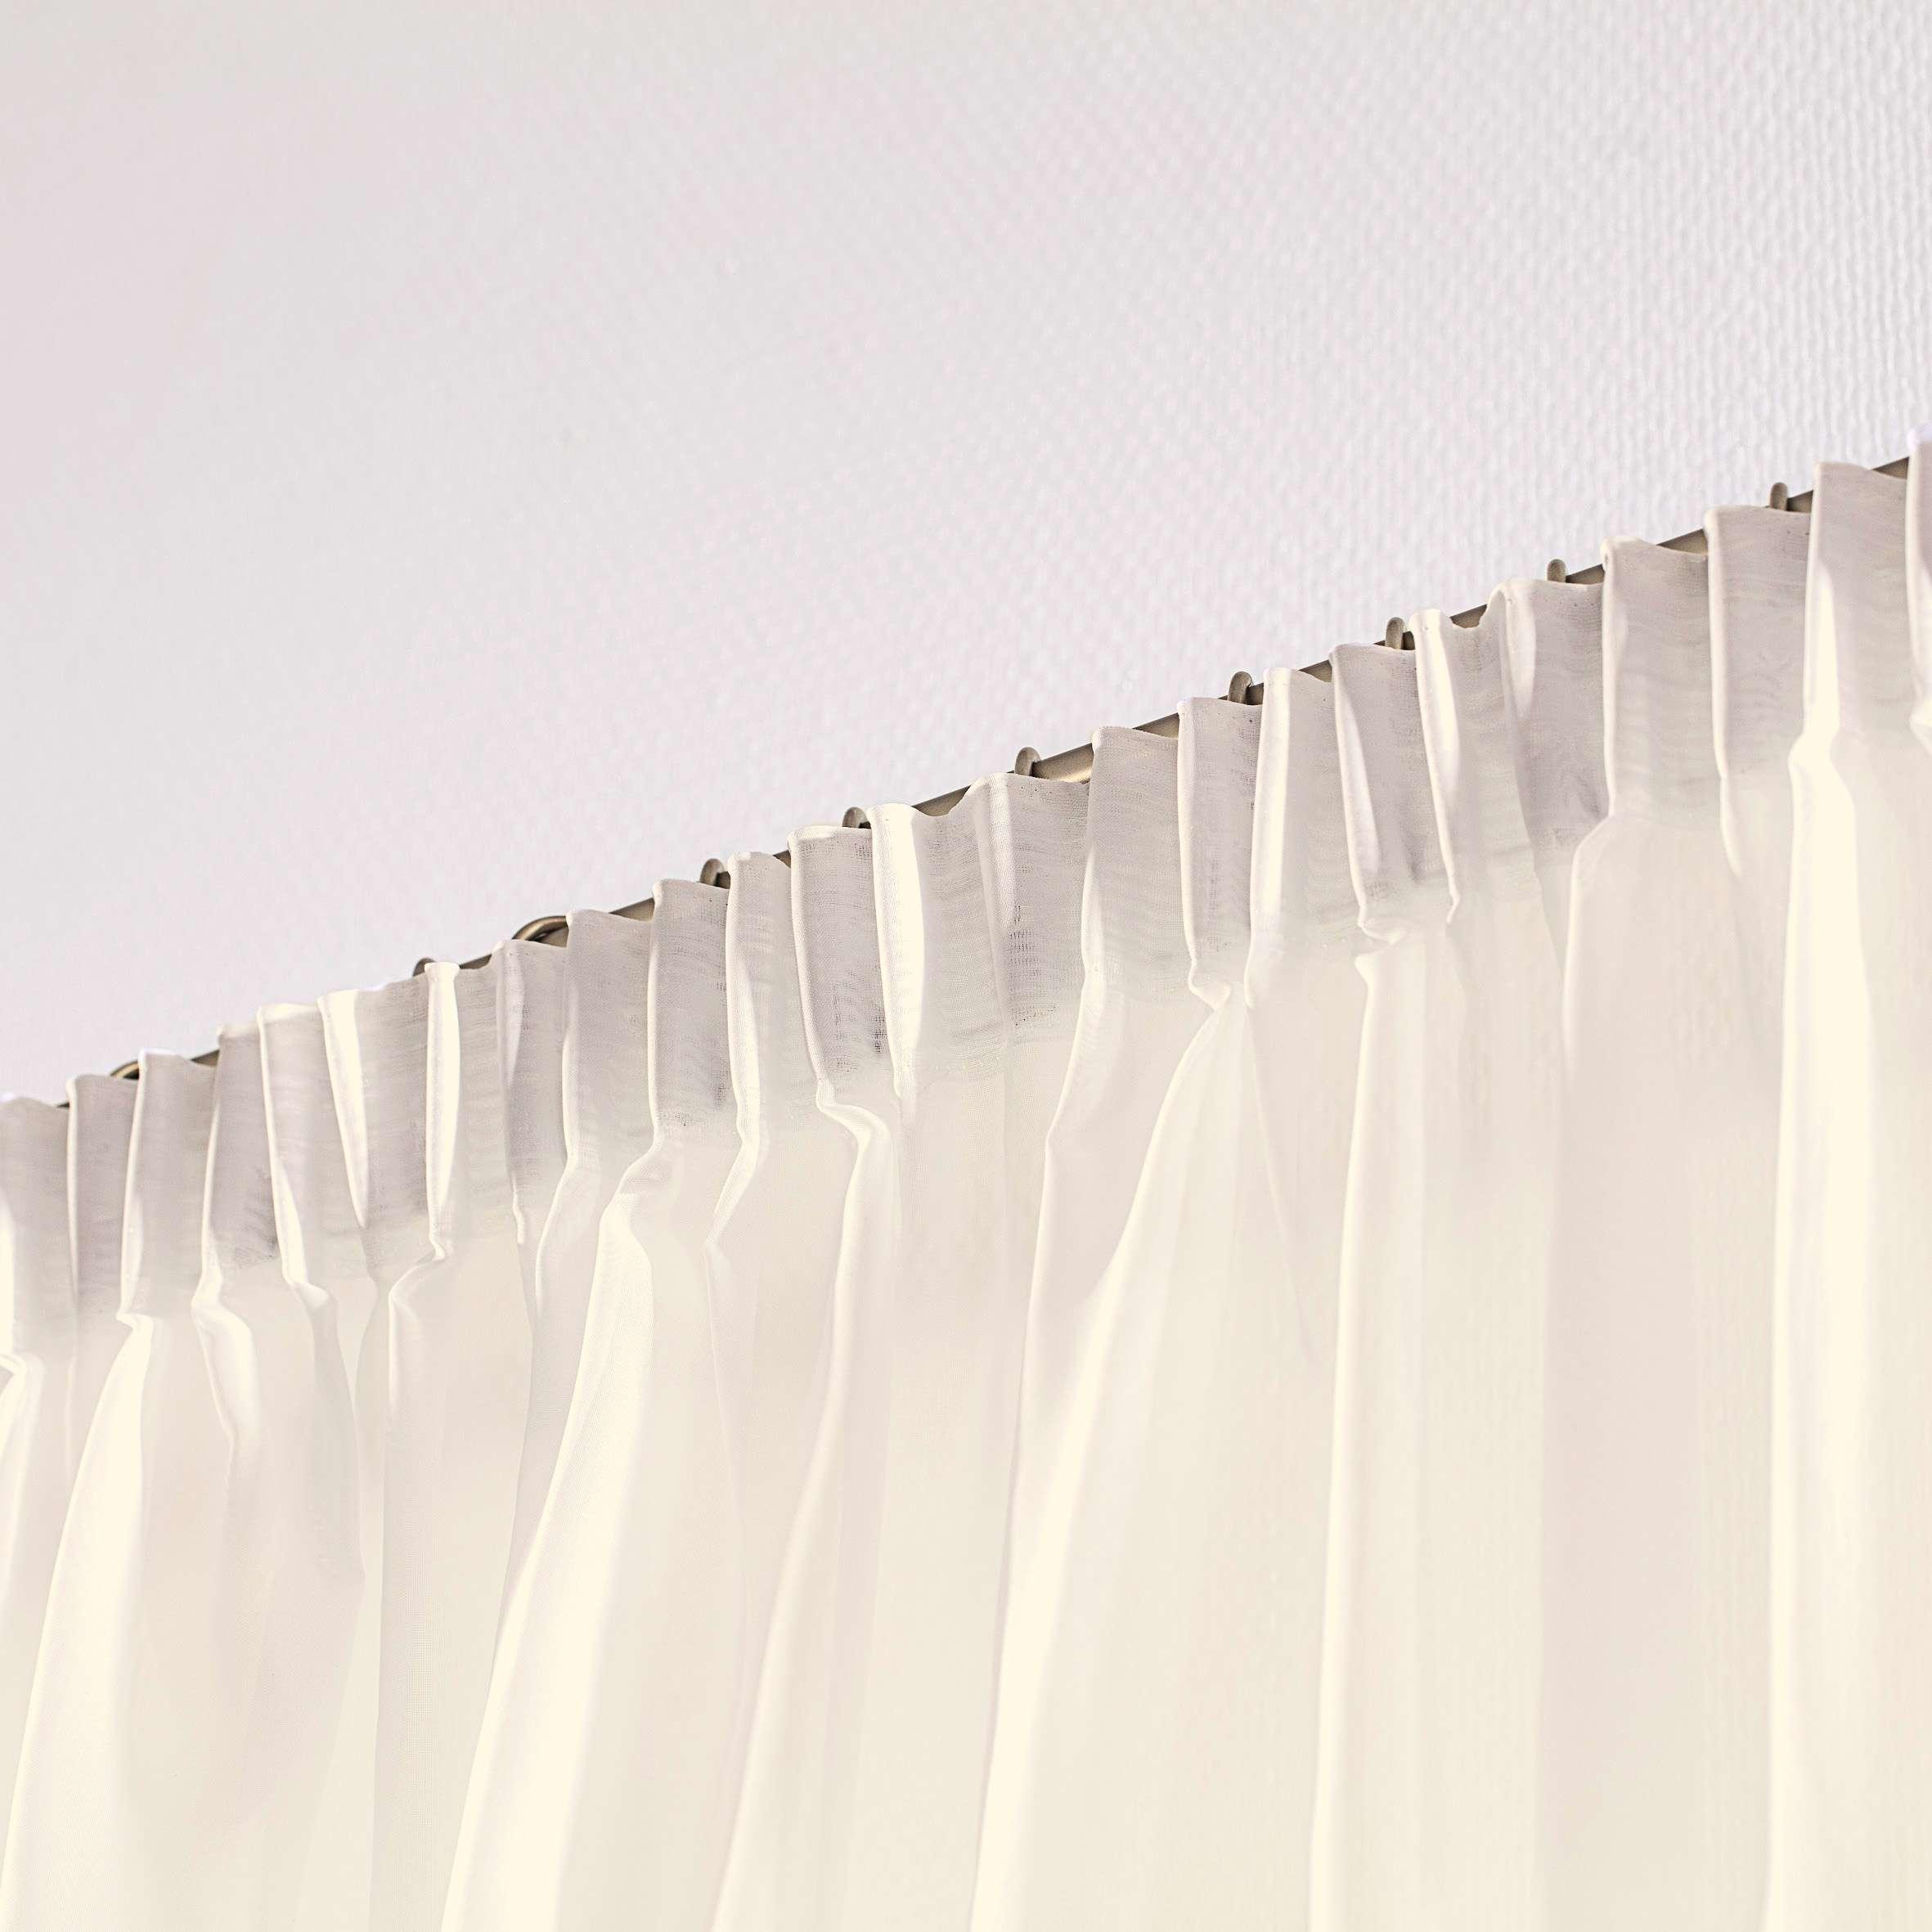 Firana woalowa na taśmie 300x260cm w kolekcji Woale, tkanina: 900-01